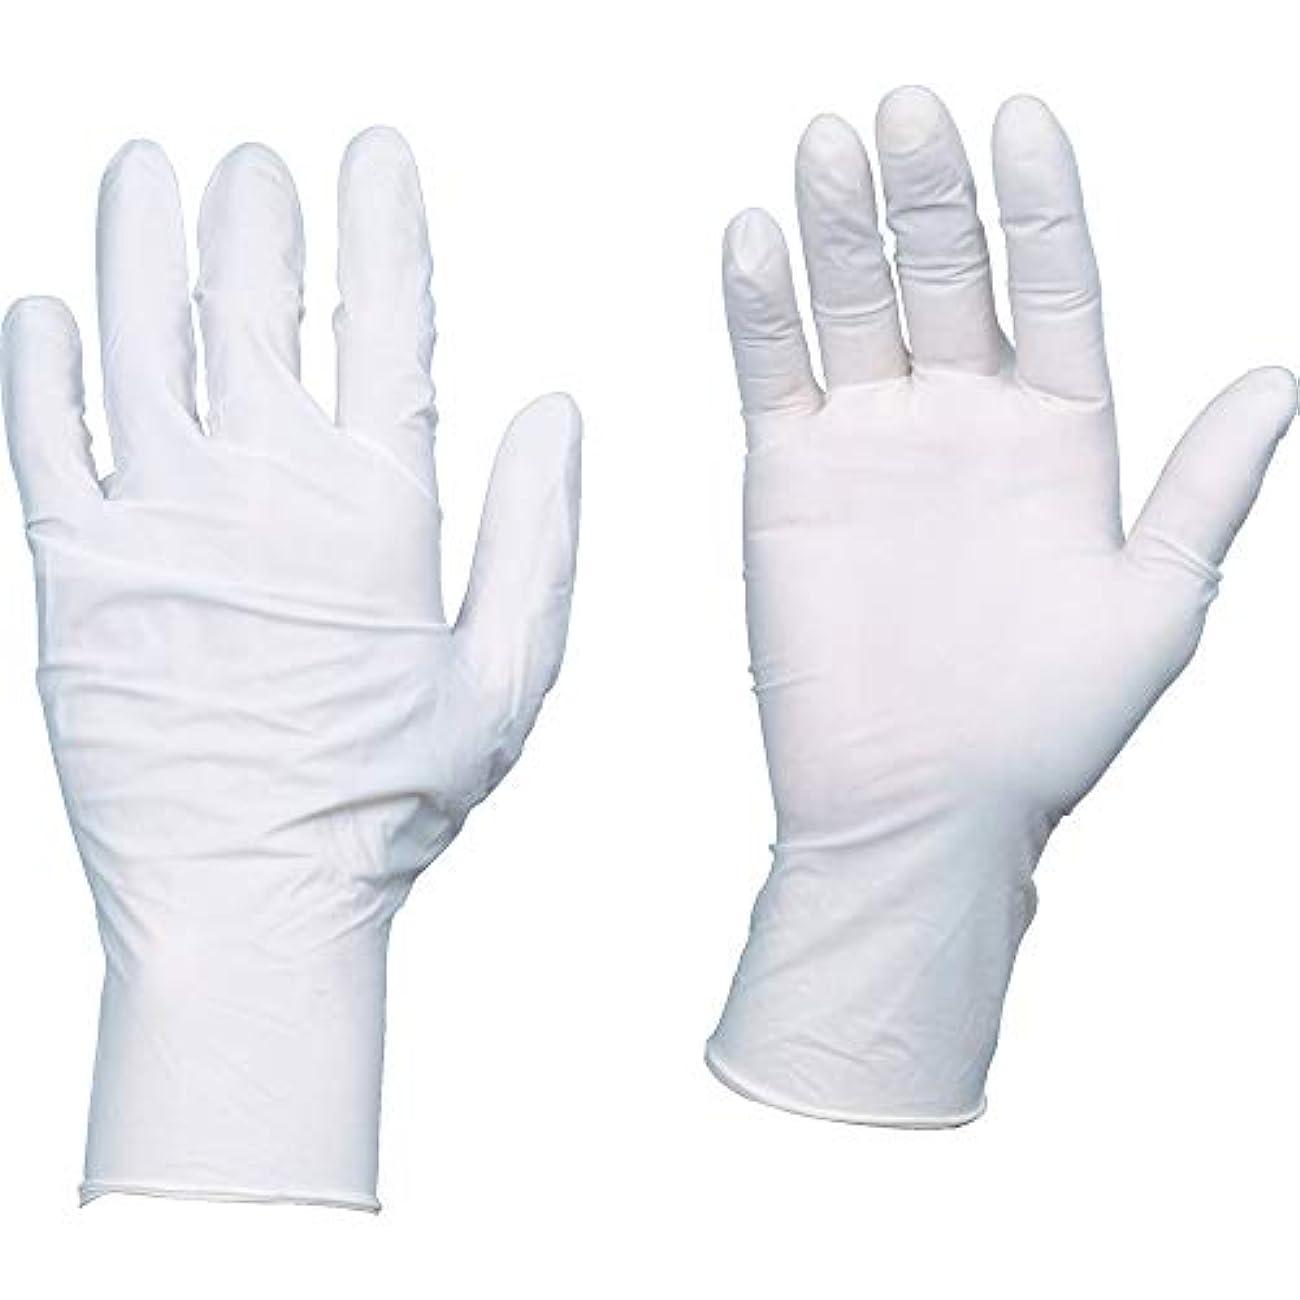 区別するしてはいけないステートメントTRUSCO(トラスコ) 10箱入り 使い捨て天然ゴム手袋TGワーク 0.10 粉付白L TGPL10WL10C